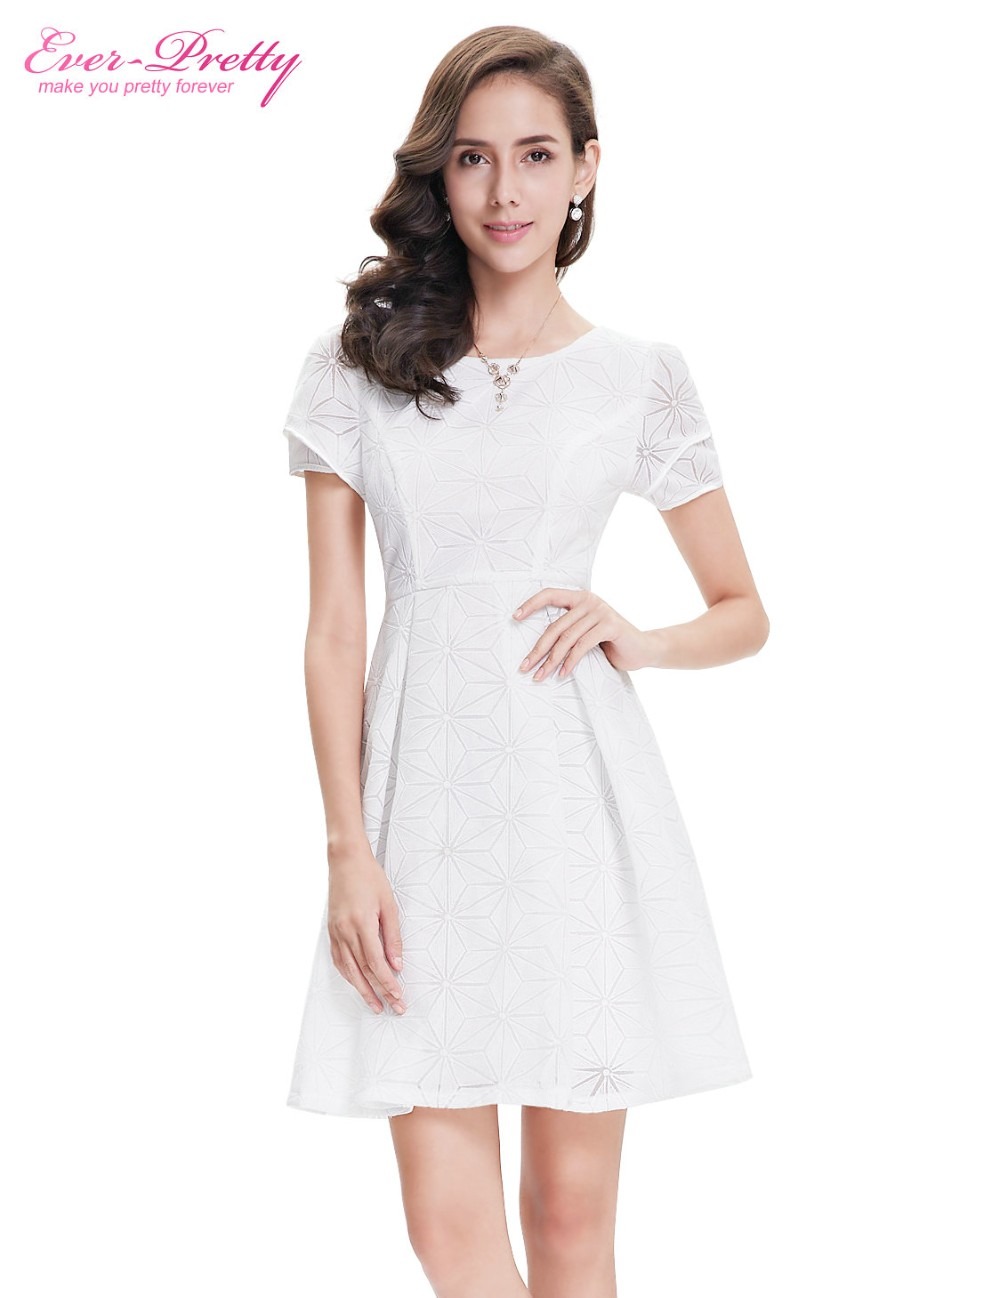 Когда-либо Довольно Homecoming Платья AP05323WH Милые Мода Белый Шею С Коротким Рукавом Платья 2016 Новое Прибытие